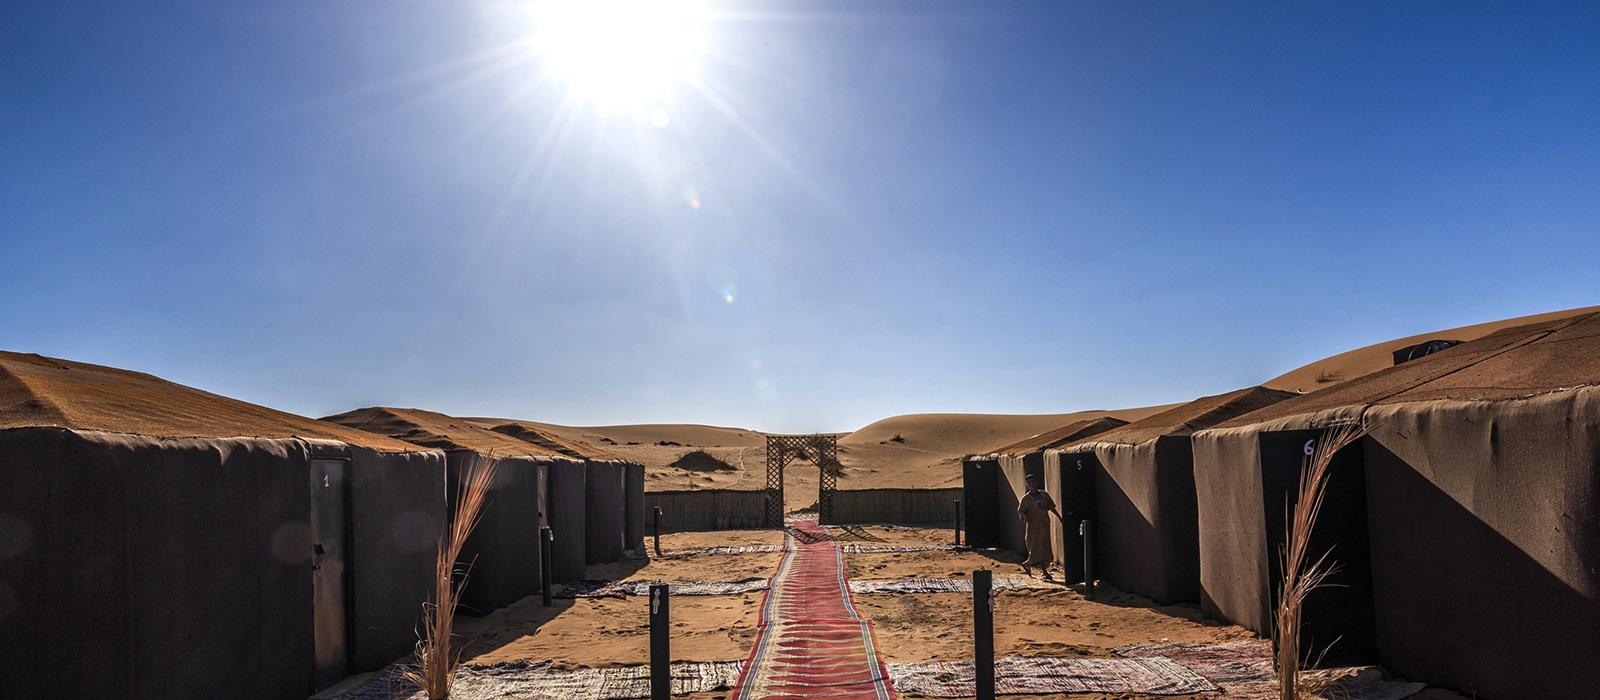 Voyage organisé en petit groupe - Essaouira - Désert - Maroc - Agence de voyage Les Routes du Monde